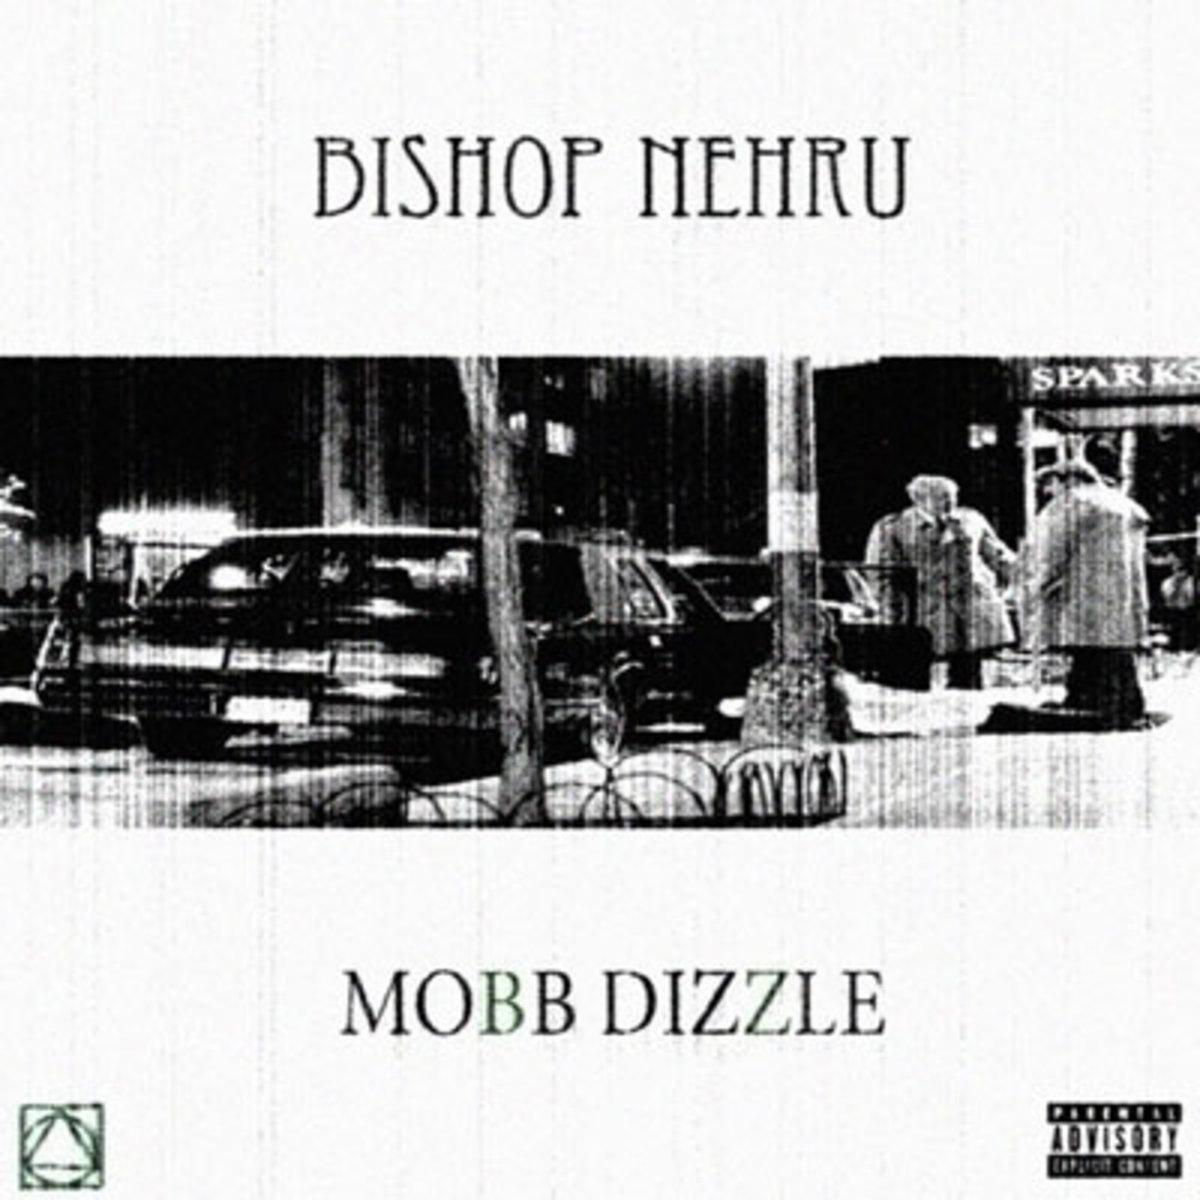 bishopnehru-mobbdizzle.jpg